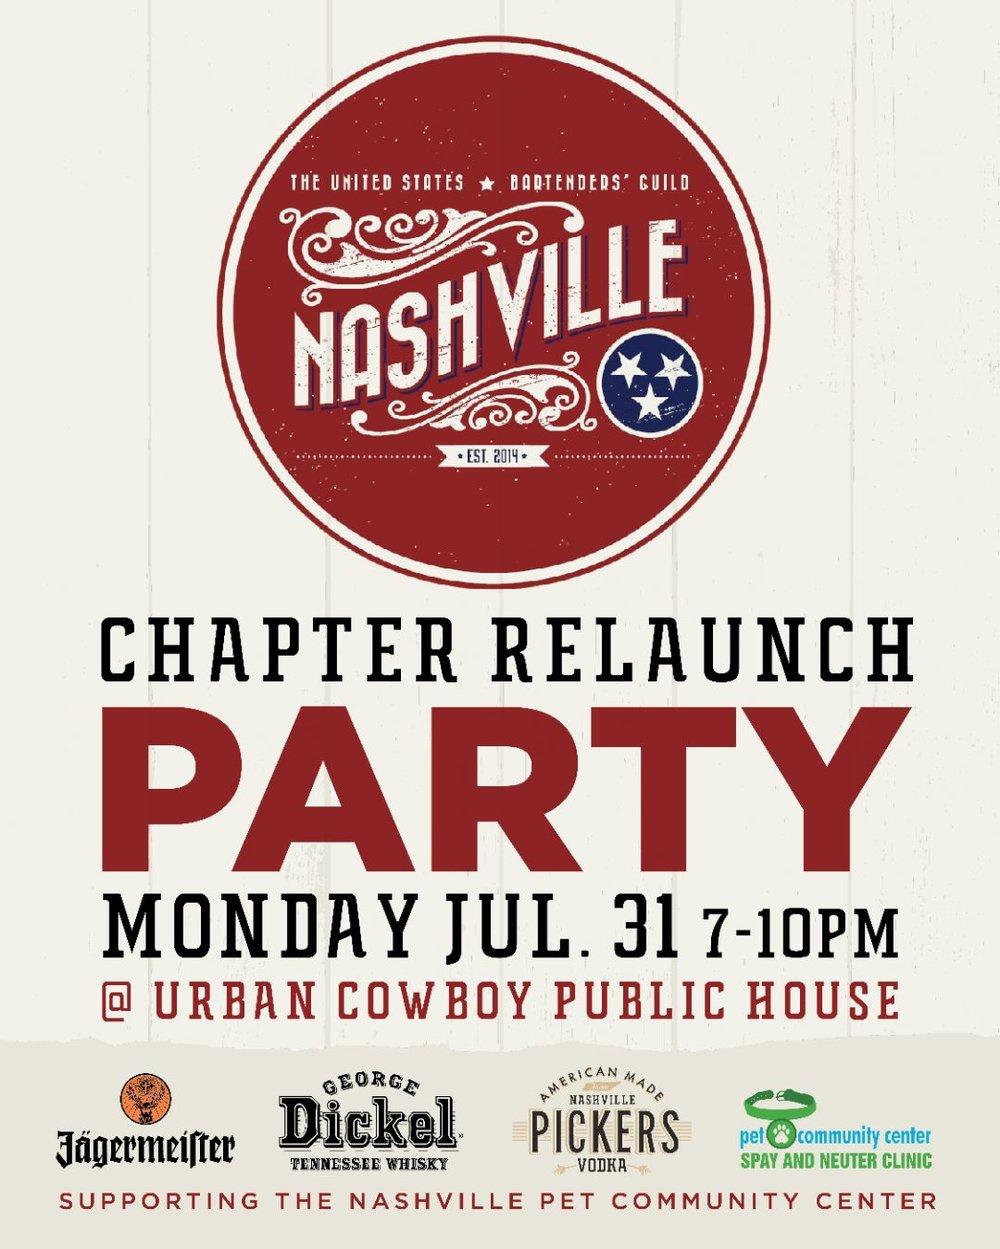 Nashville Chapter Relaunch